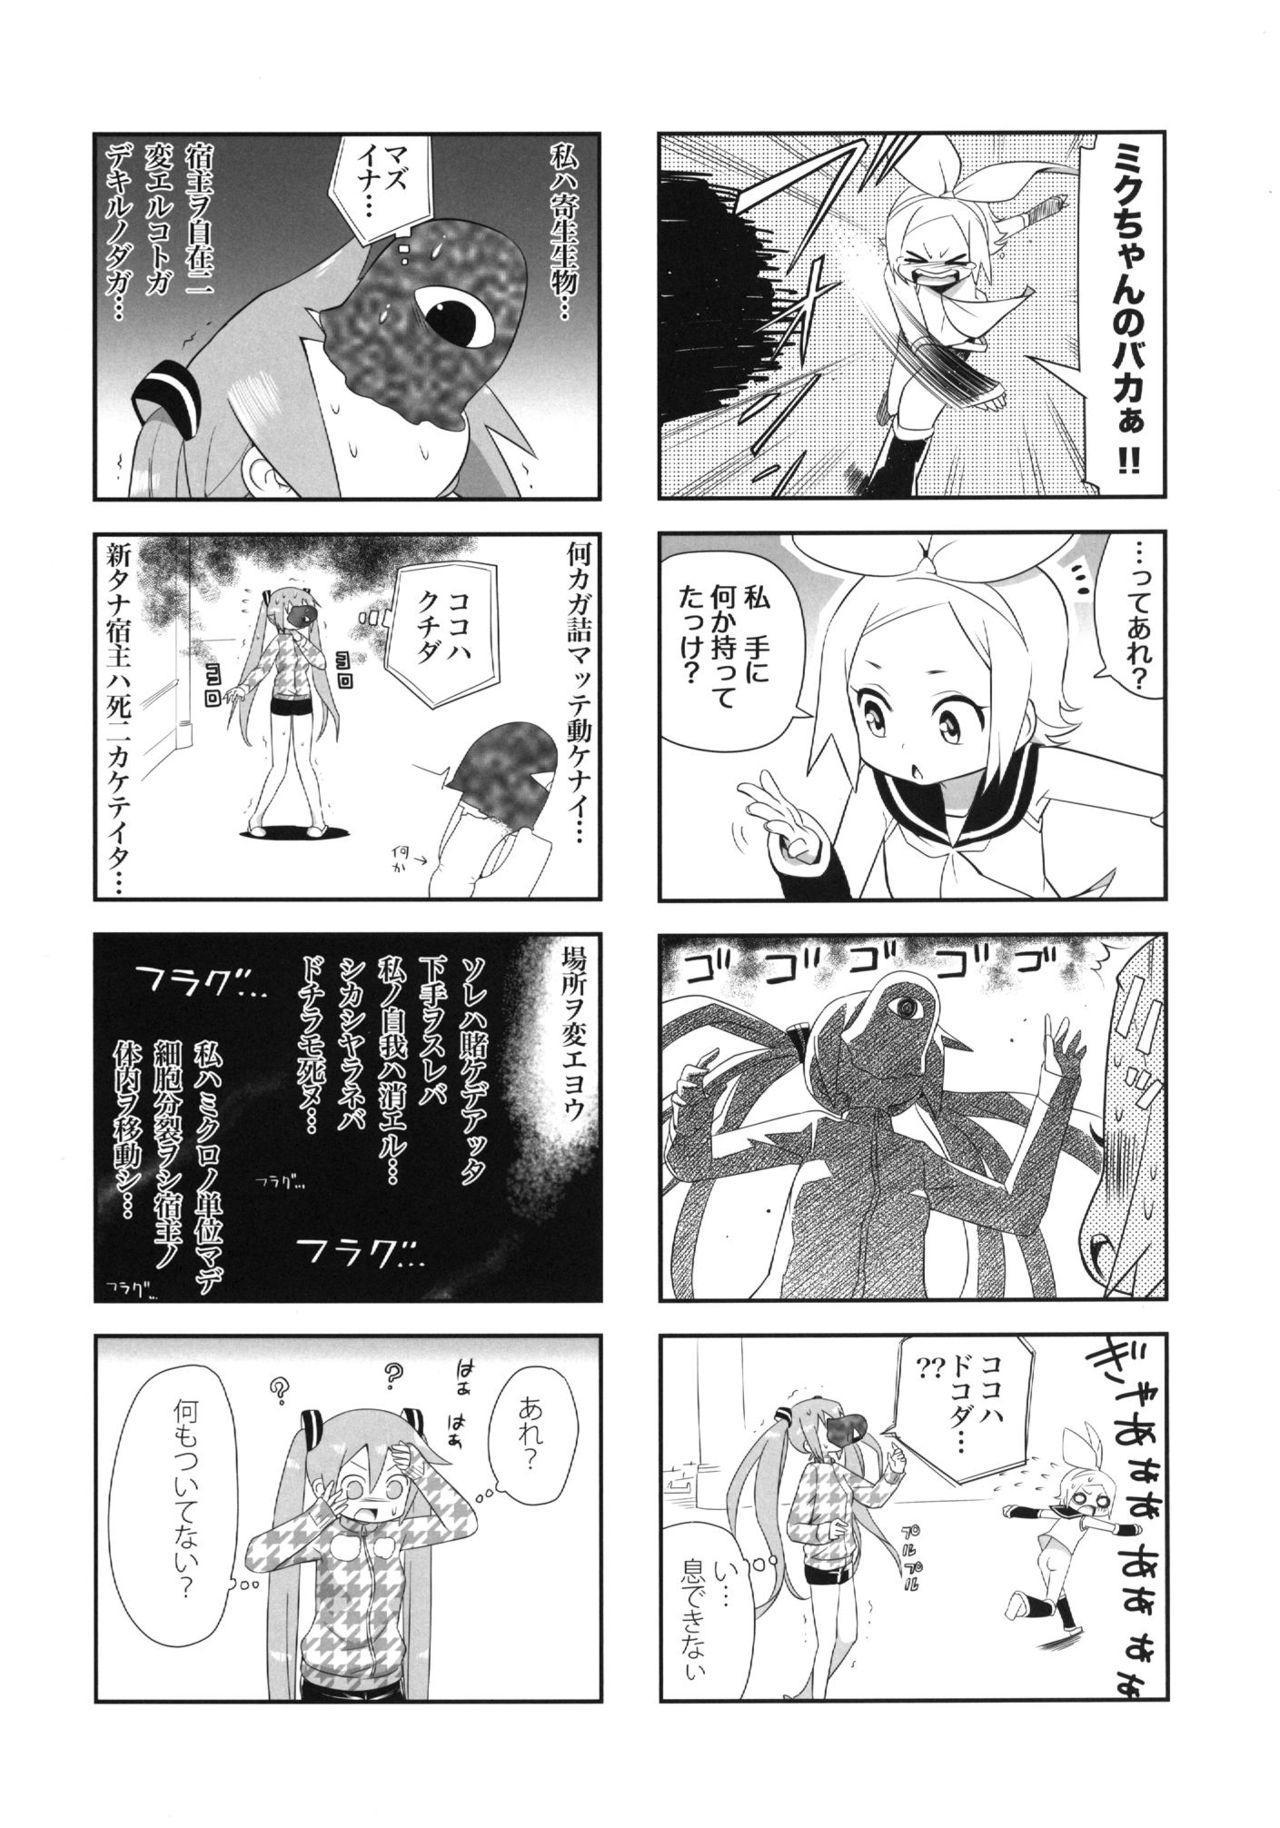 Mikkumiku na Hannou volume. 5 18